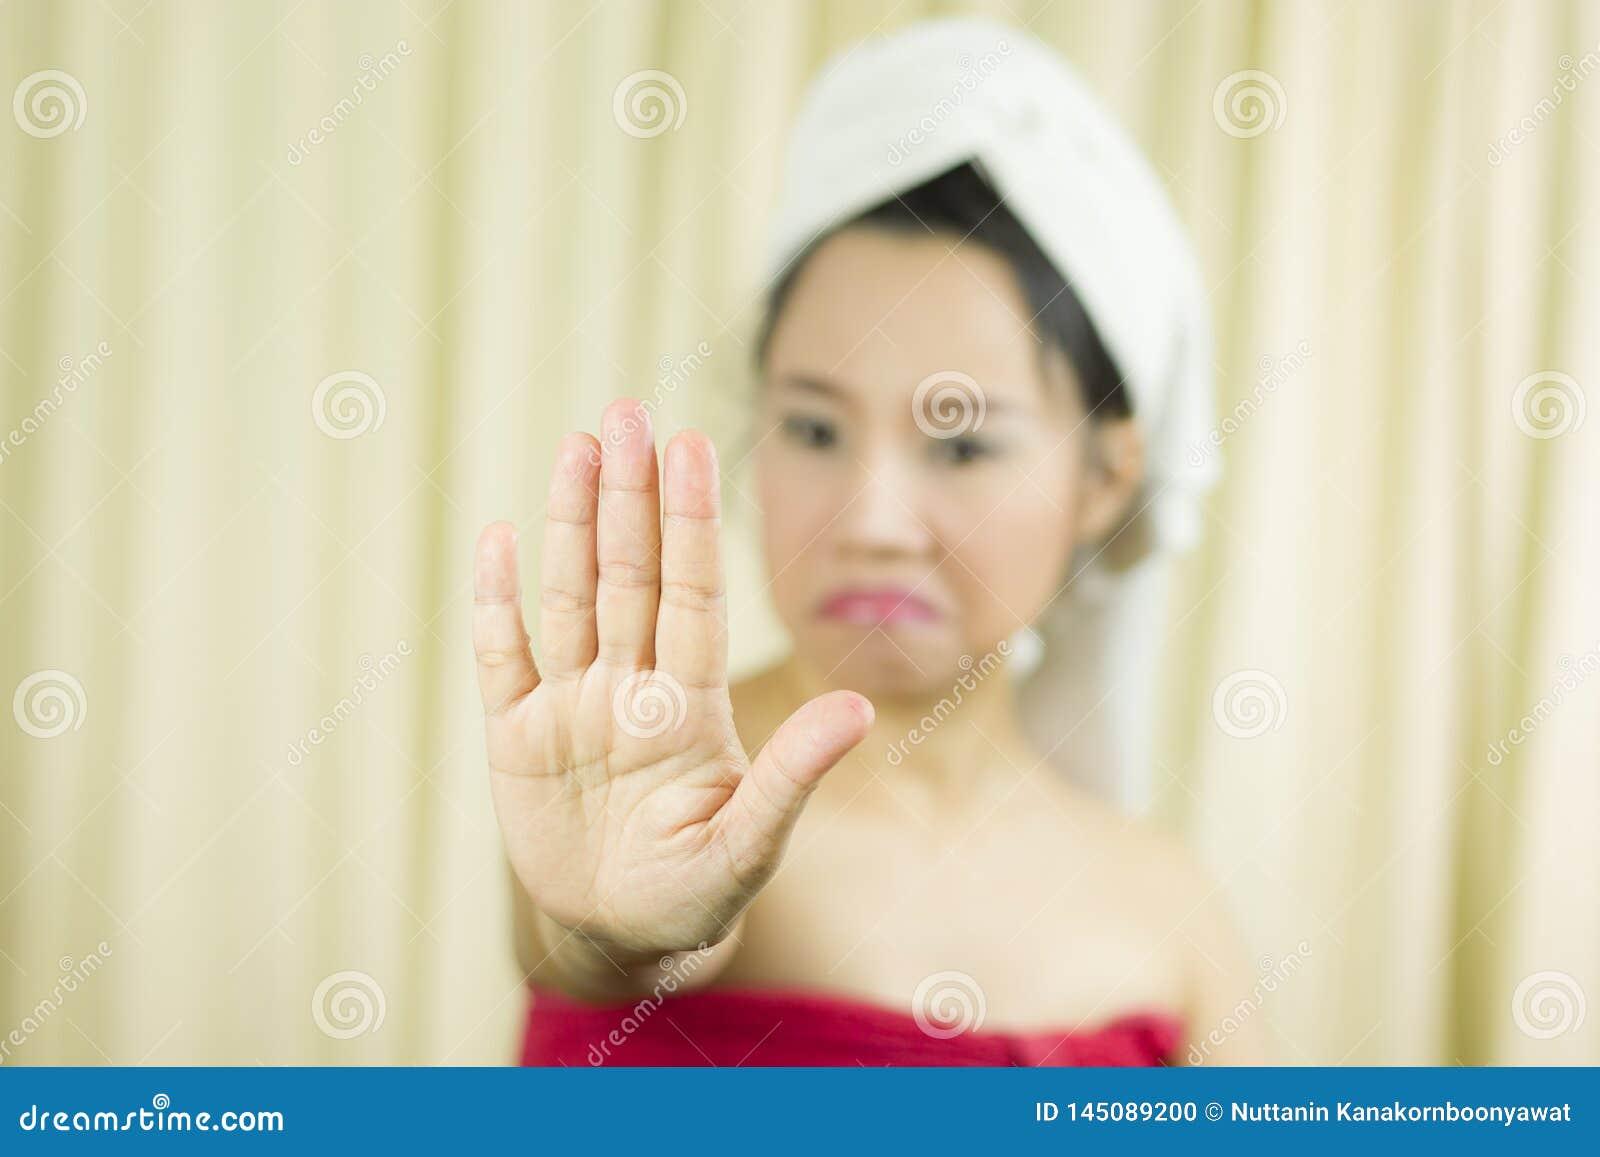 La mujer lleva una falda para cubrir su pecho despu?s del pelo del lavado, envuelto en toallas despu?s de ducha y dando la muestr